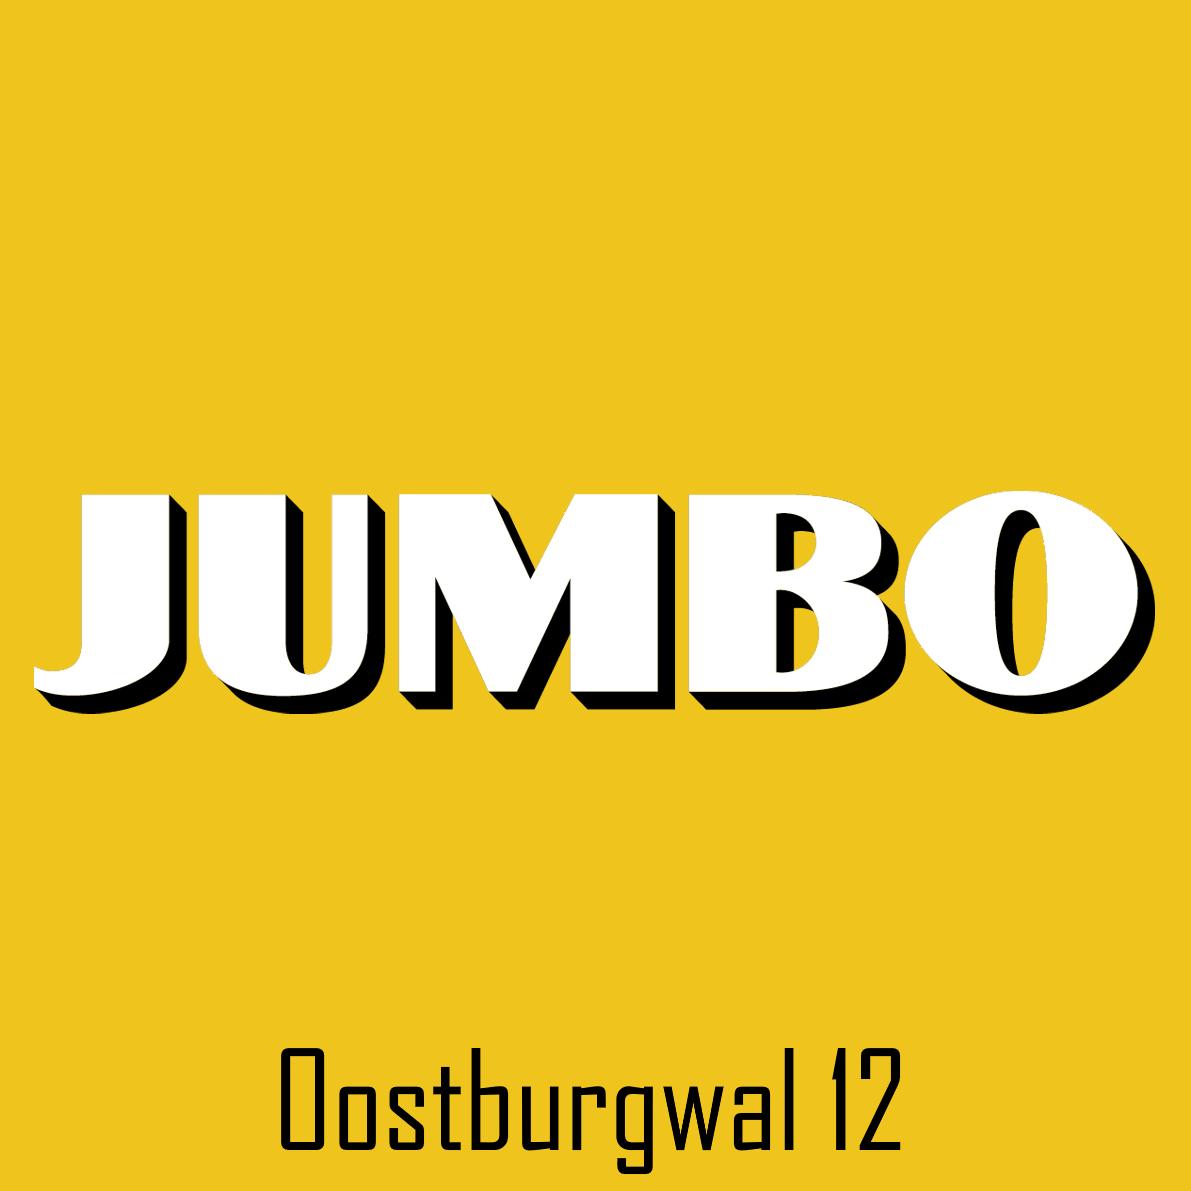 Jumbo - Ook uw dagelijkse boodschappen zijn met de cadeaukaart te koop bij twee Jumbo filialen in Arnhem. Adres: Oostburgwal 12, Arnhem.www.jumbo.com